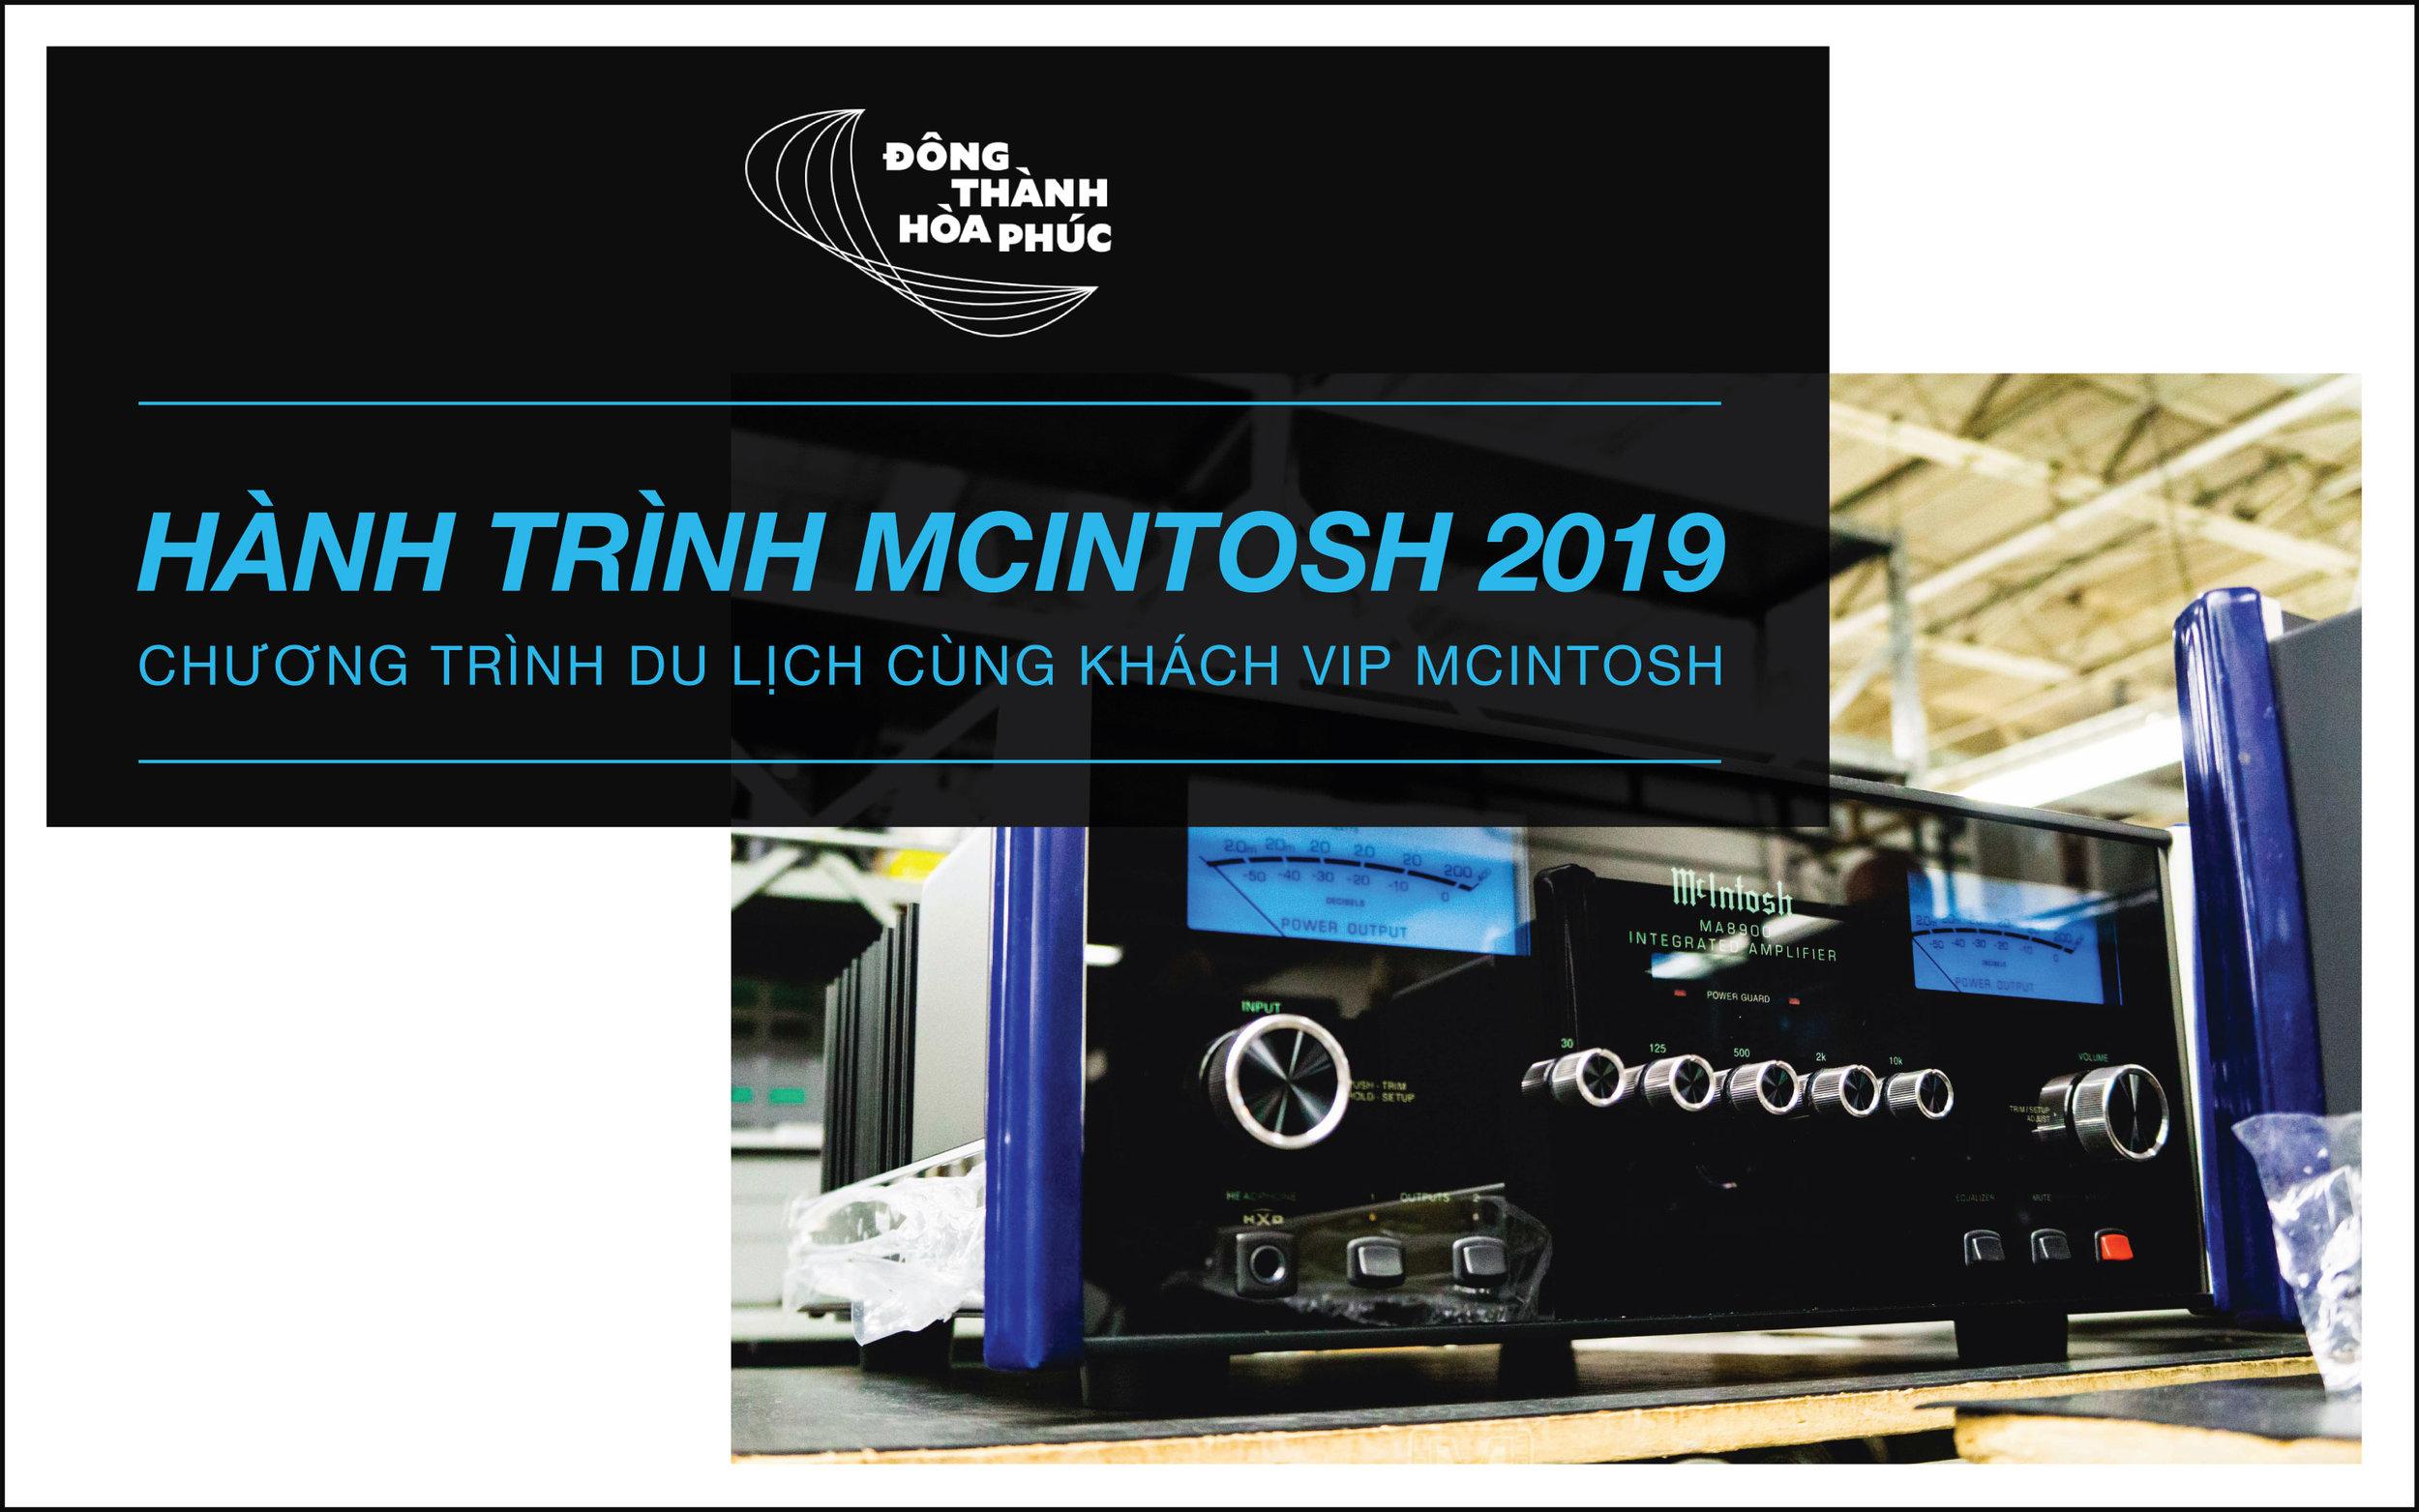 hành trình McIntosh 2019 Đông Thành - Hòa Phúc